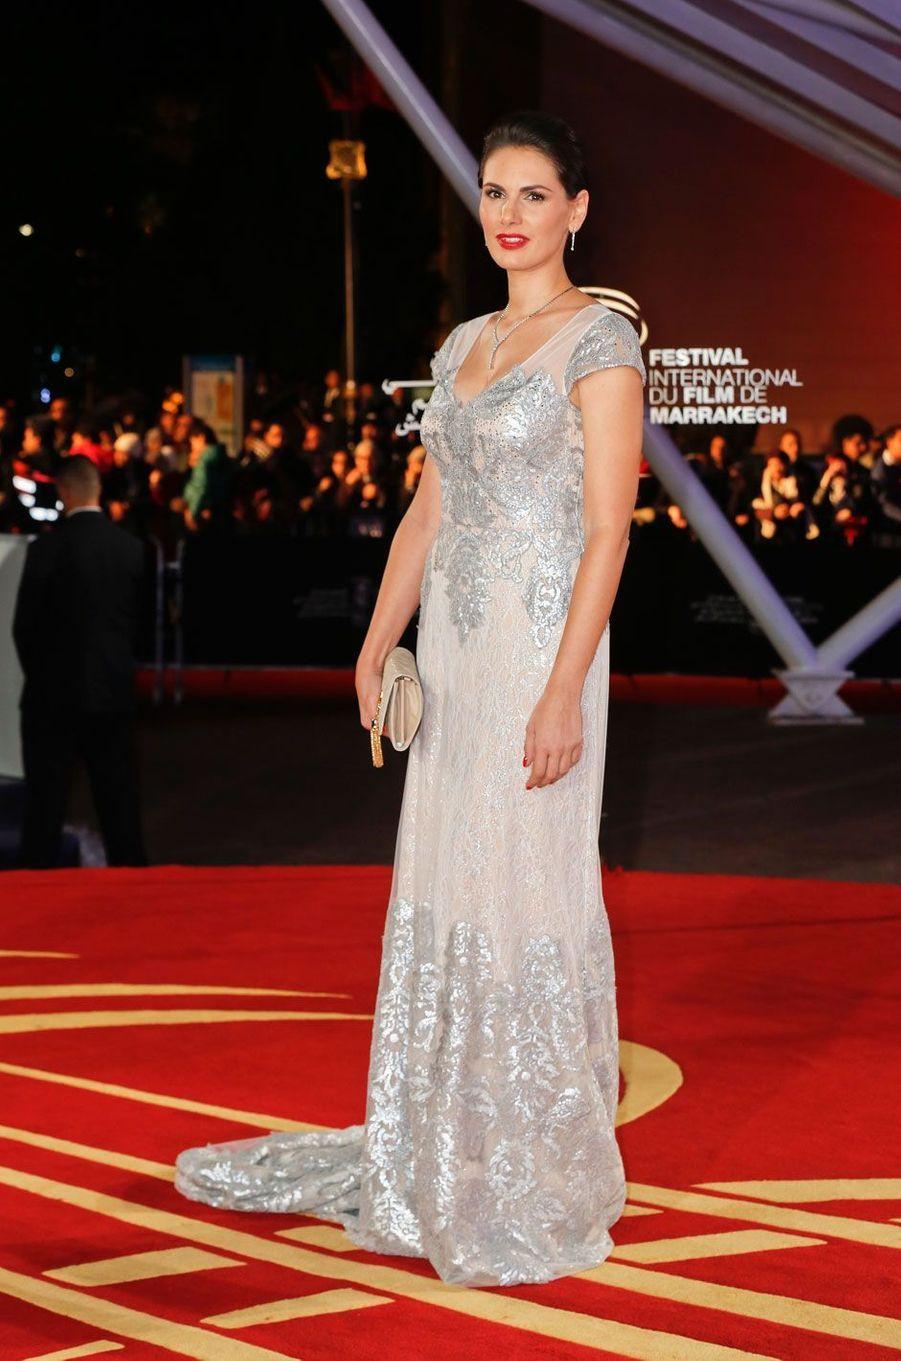 Laetitia Bléger, Miss France 2003